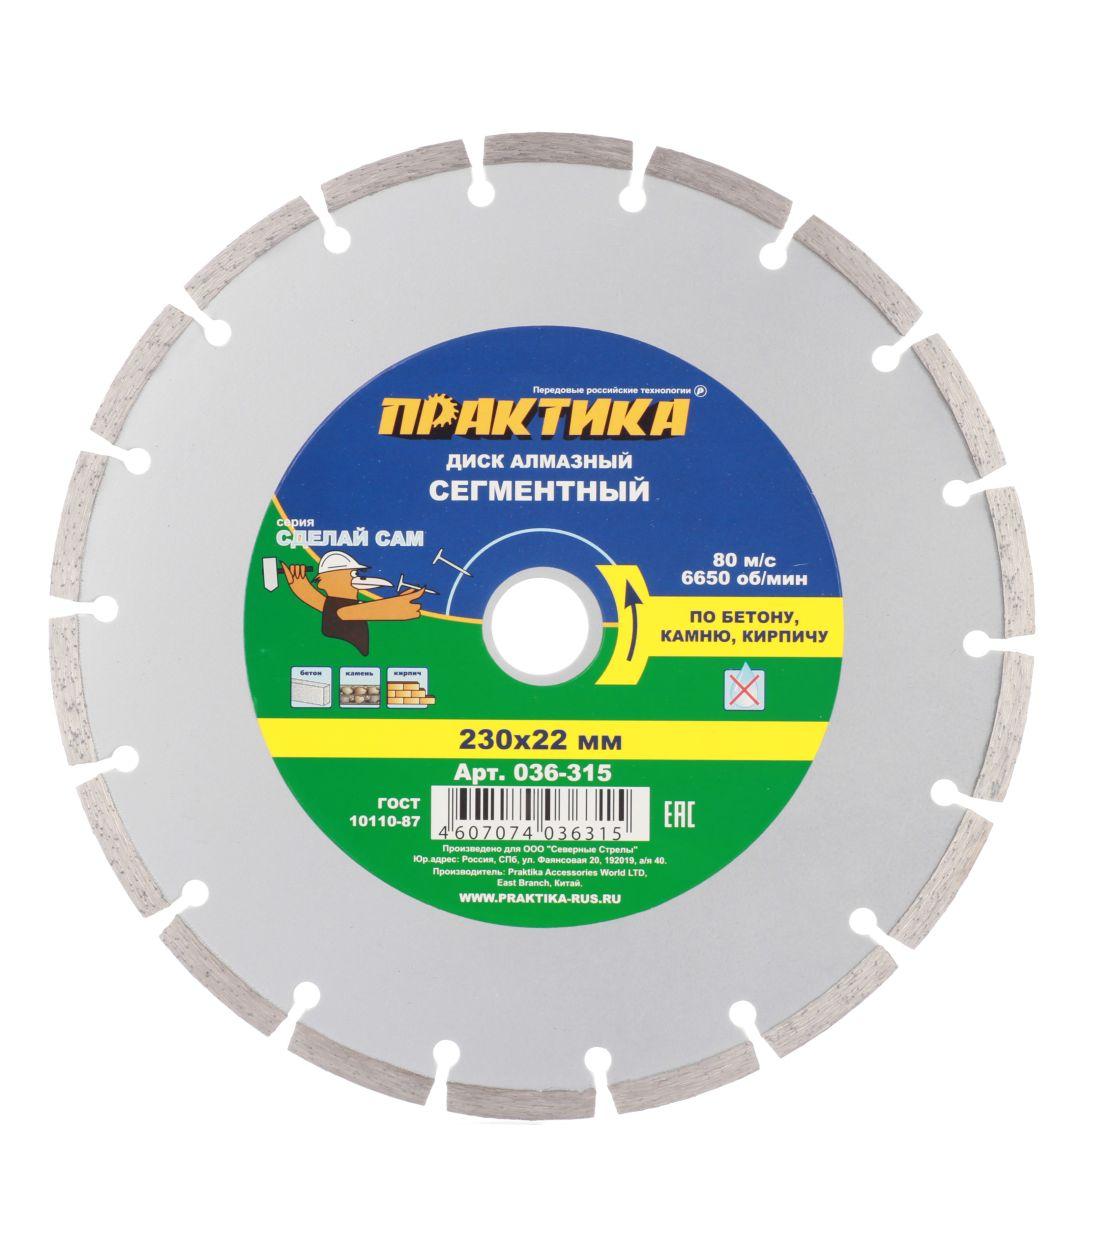 Диск алмазный сегментный ПРАКТИКА Эконом 230х22 мм диск алмазный турбо с лазерной перфорацией 230х22 2 мм gross 73034